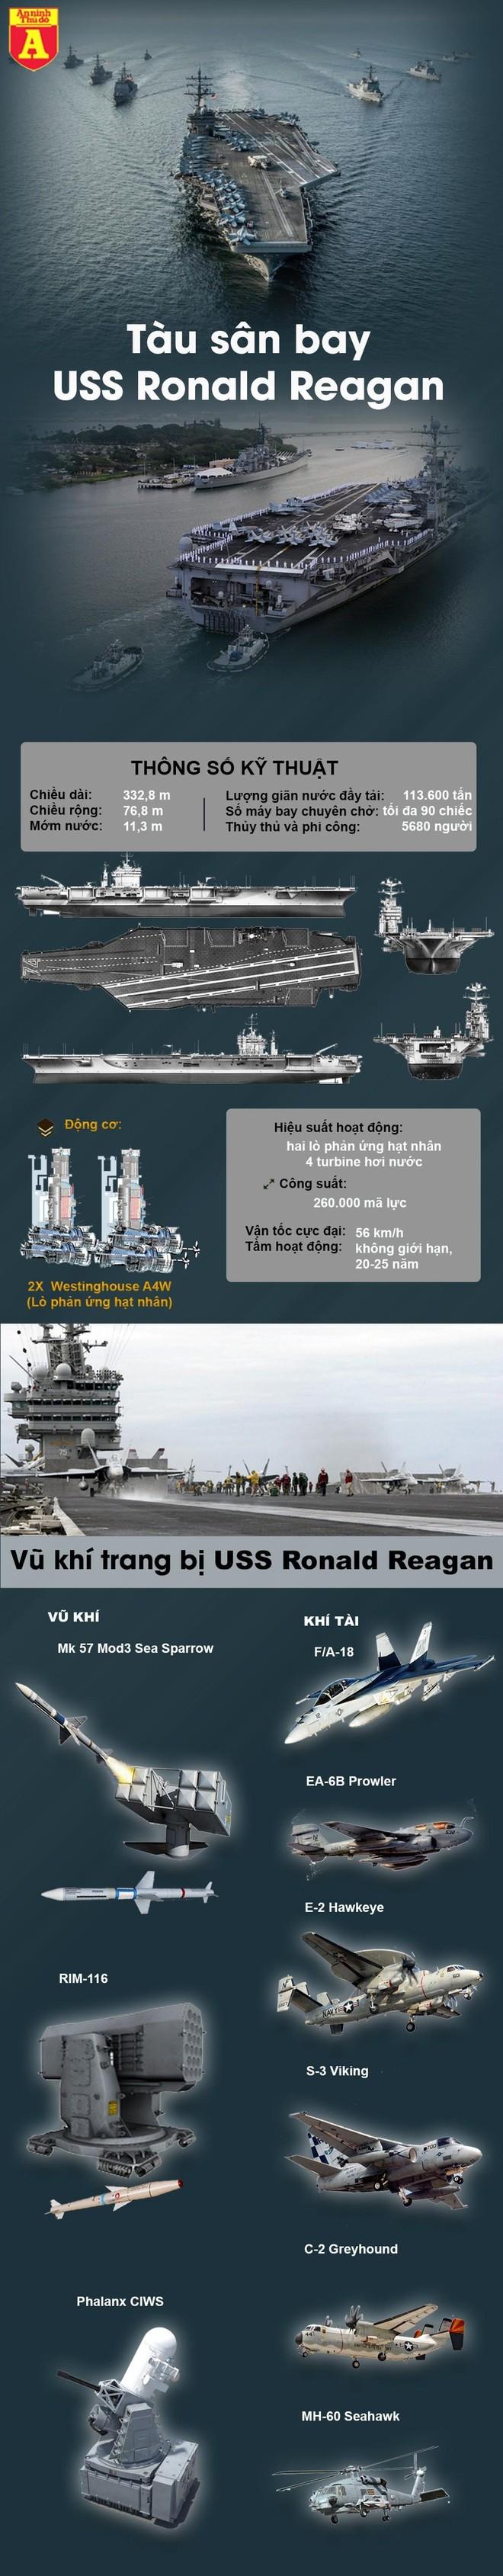 [Info] Tình thế cấp bách, Mỹ huy động siêu tàu sân bay vào chiến dịch di tản khỏi Kabul ảnh 3